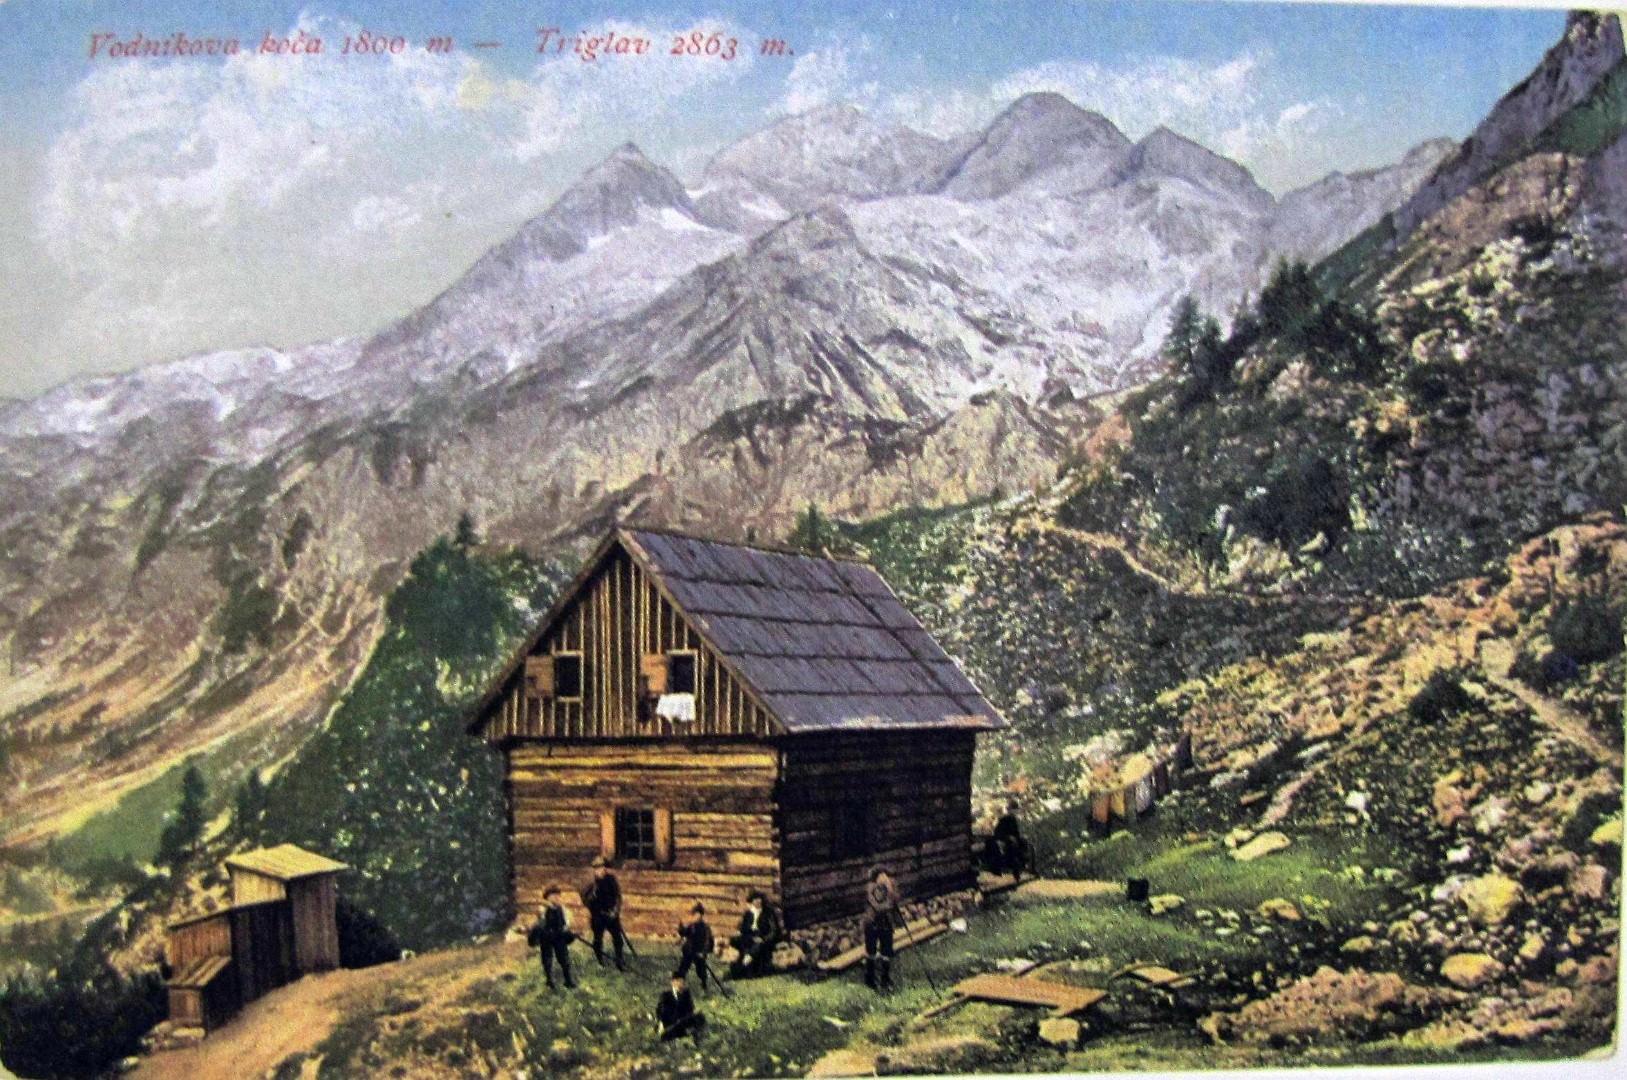 Slovensko planinsko društvo je leta 1895 na Velem polju postavilo Vodnikovo kočo.